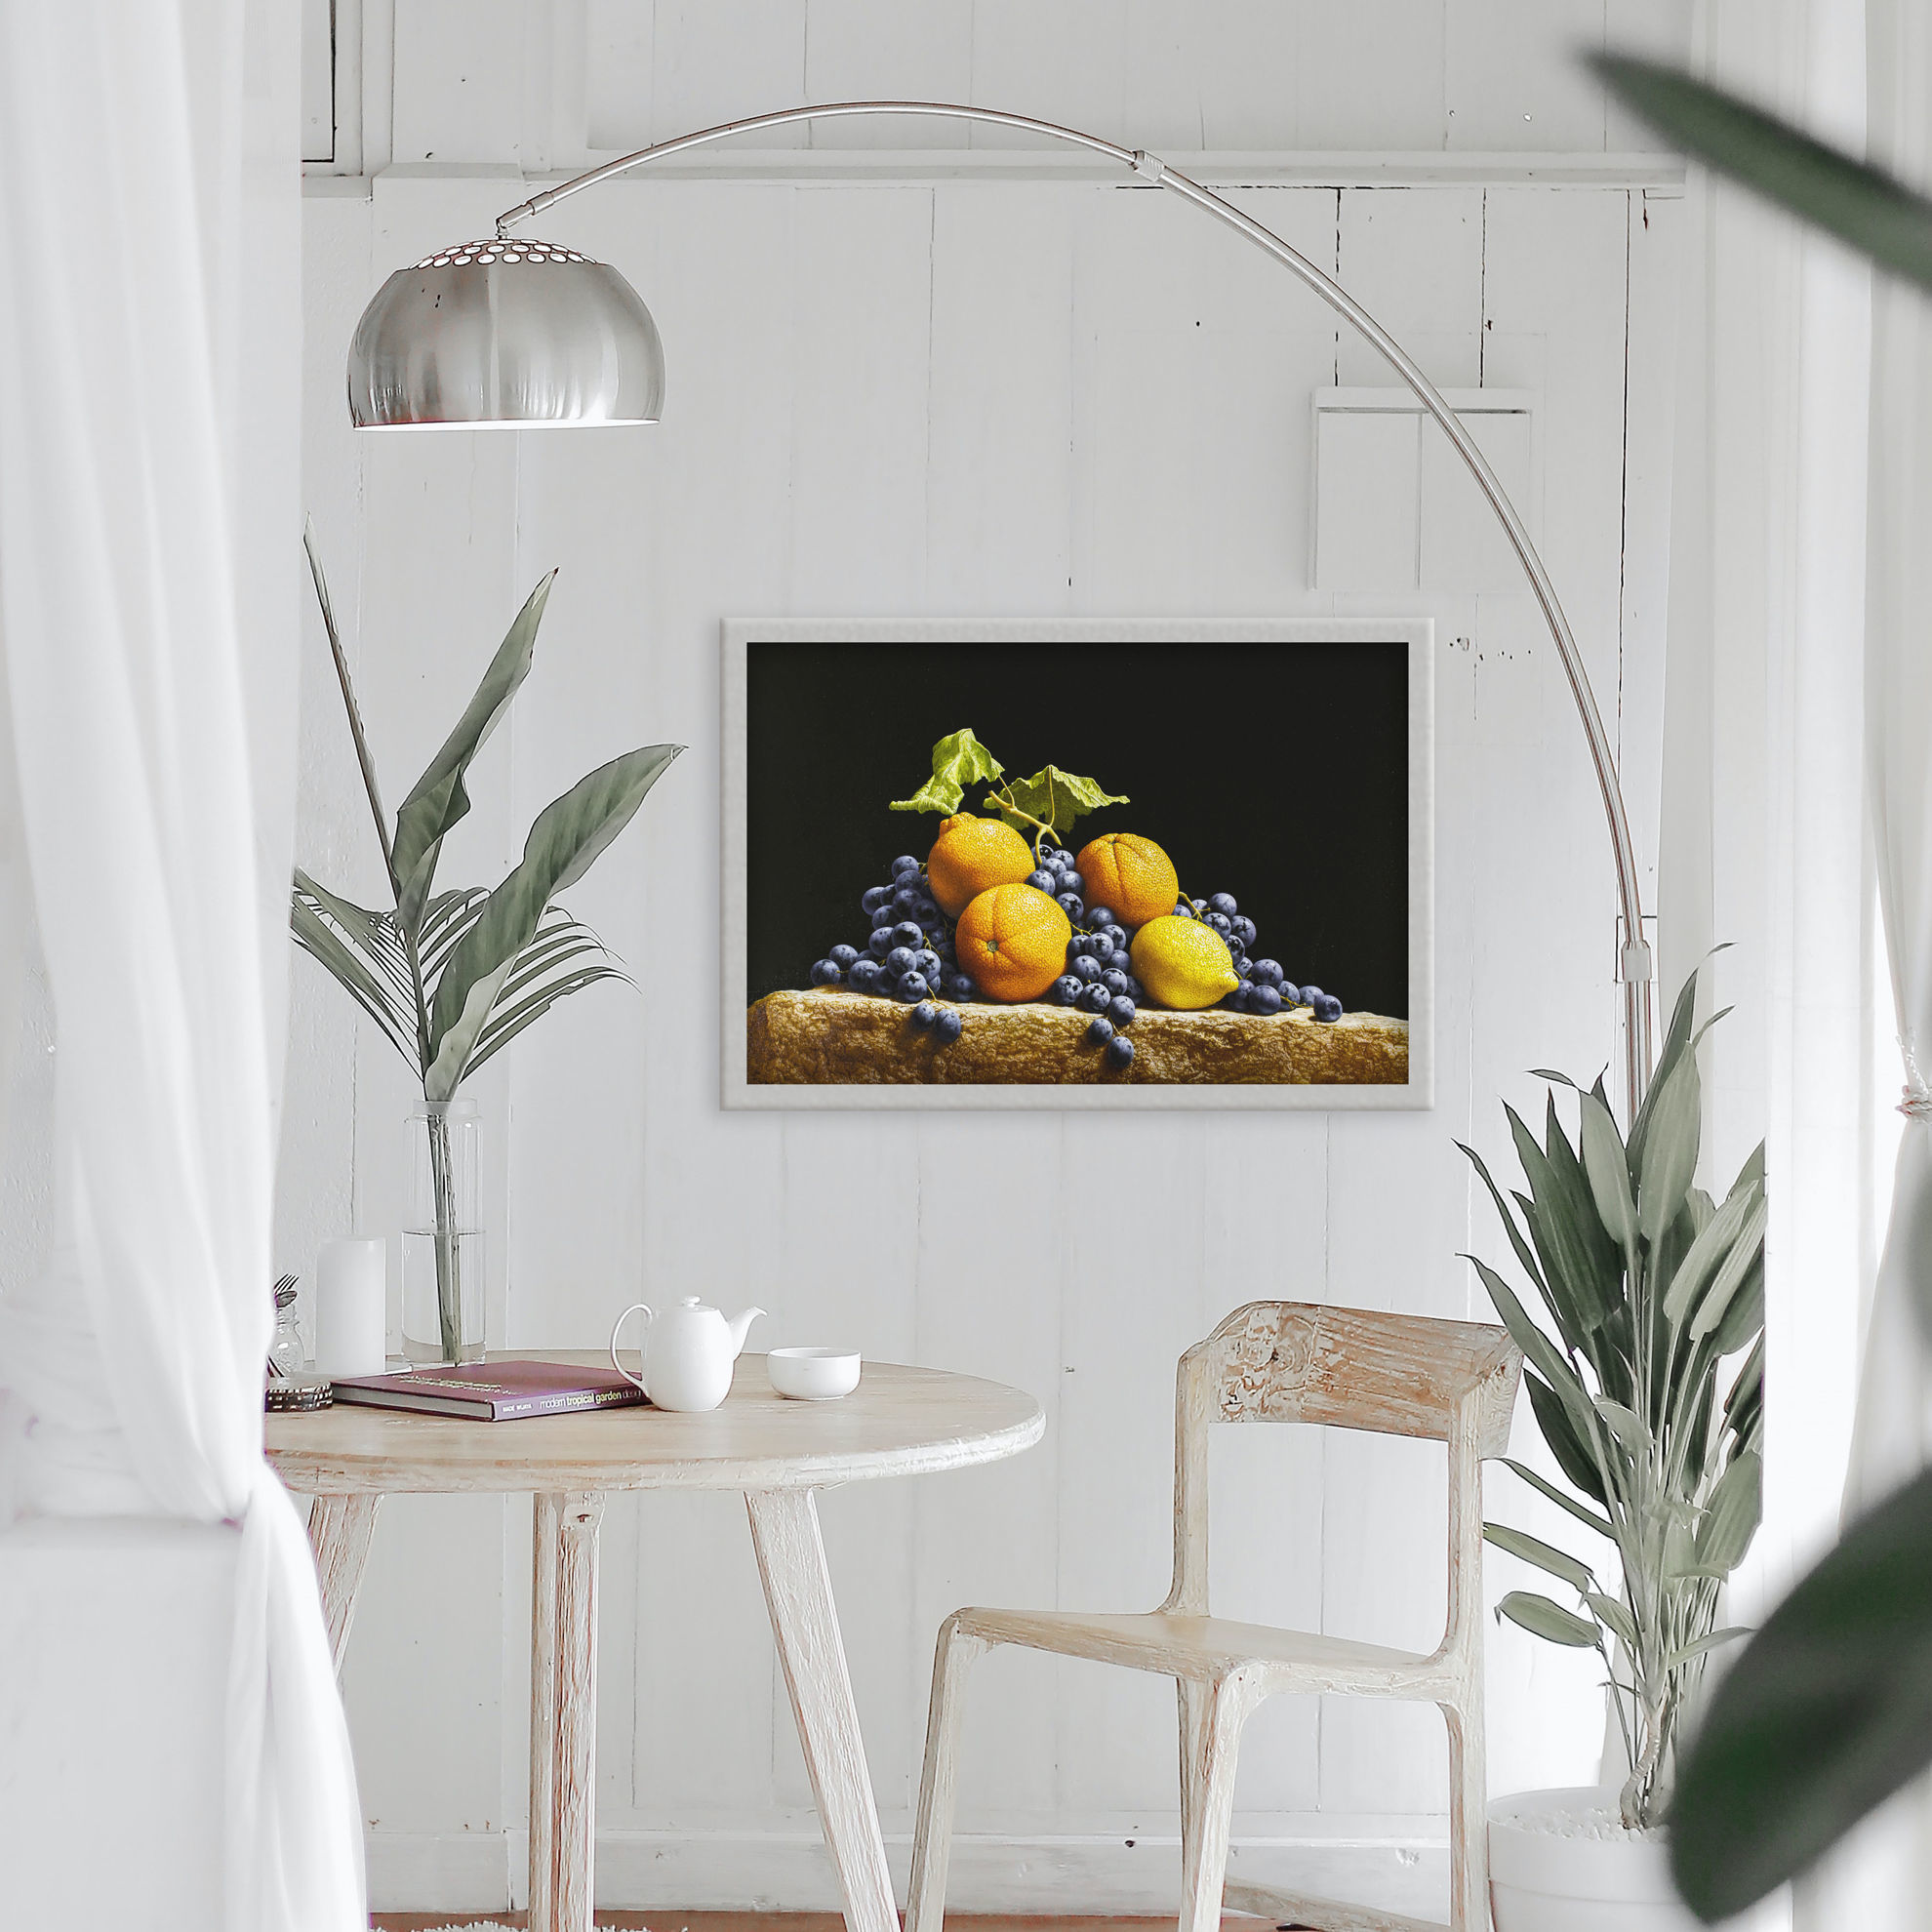 Immagine di Arance uva e limone